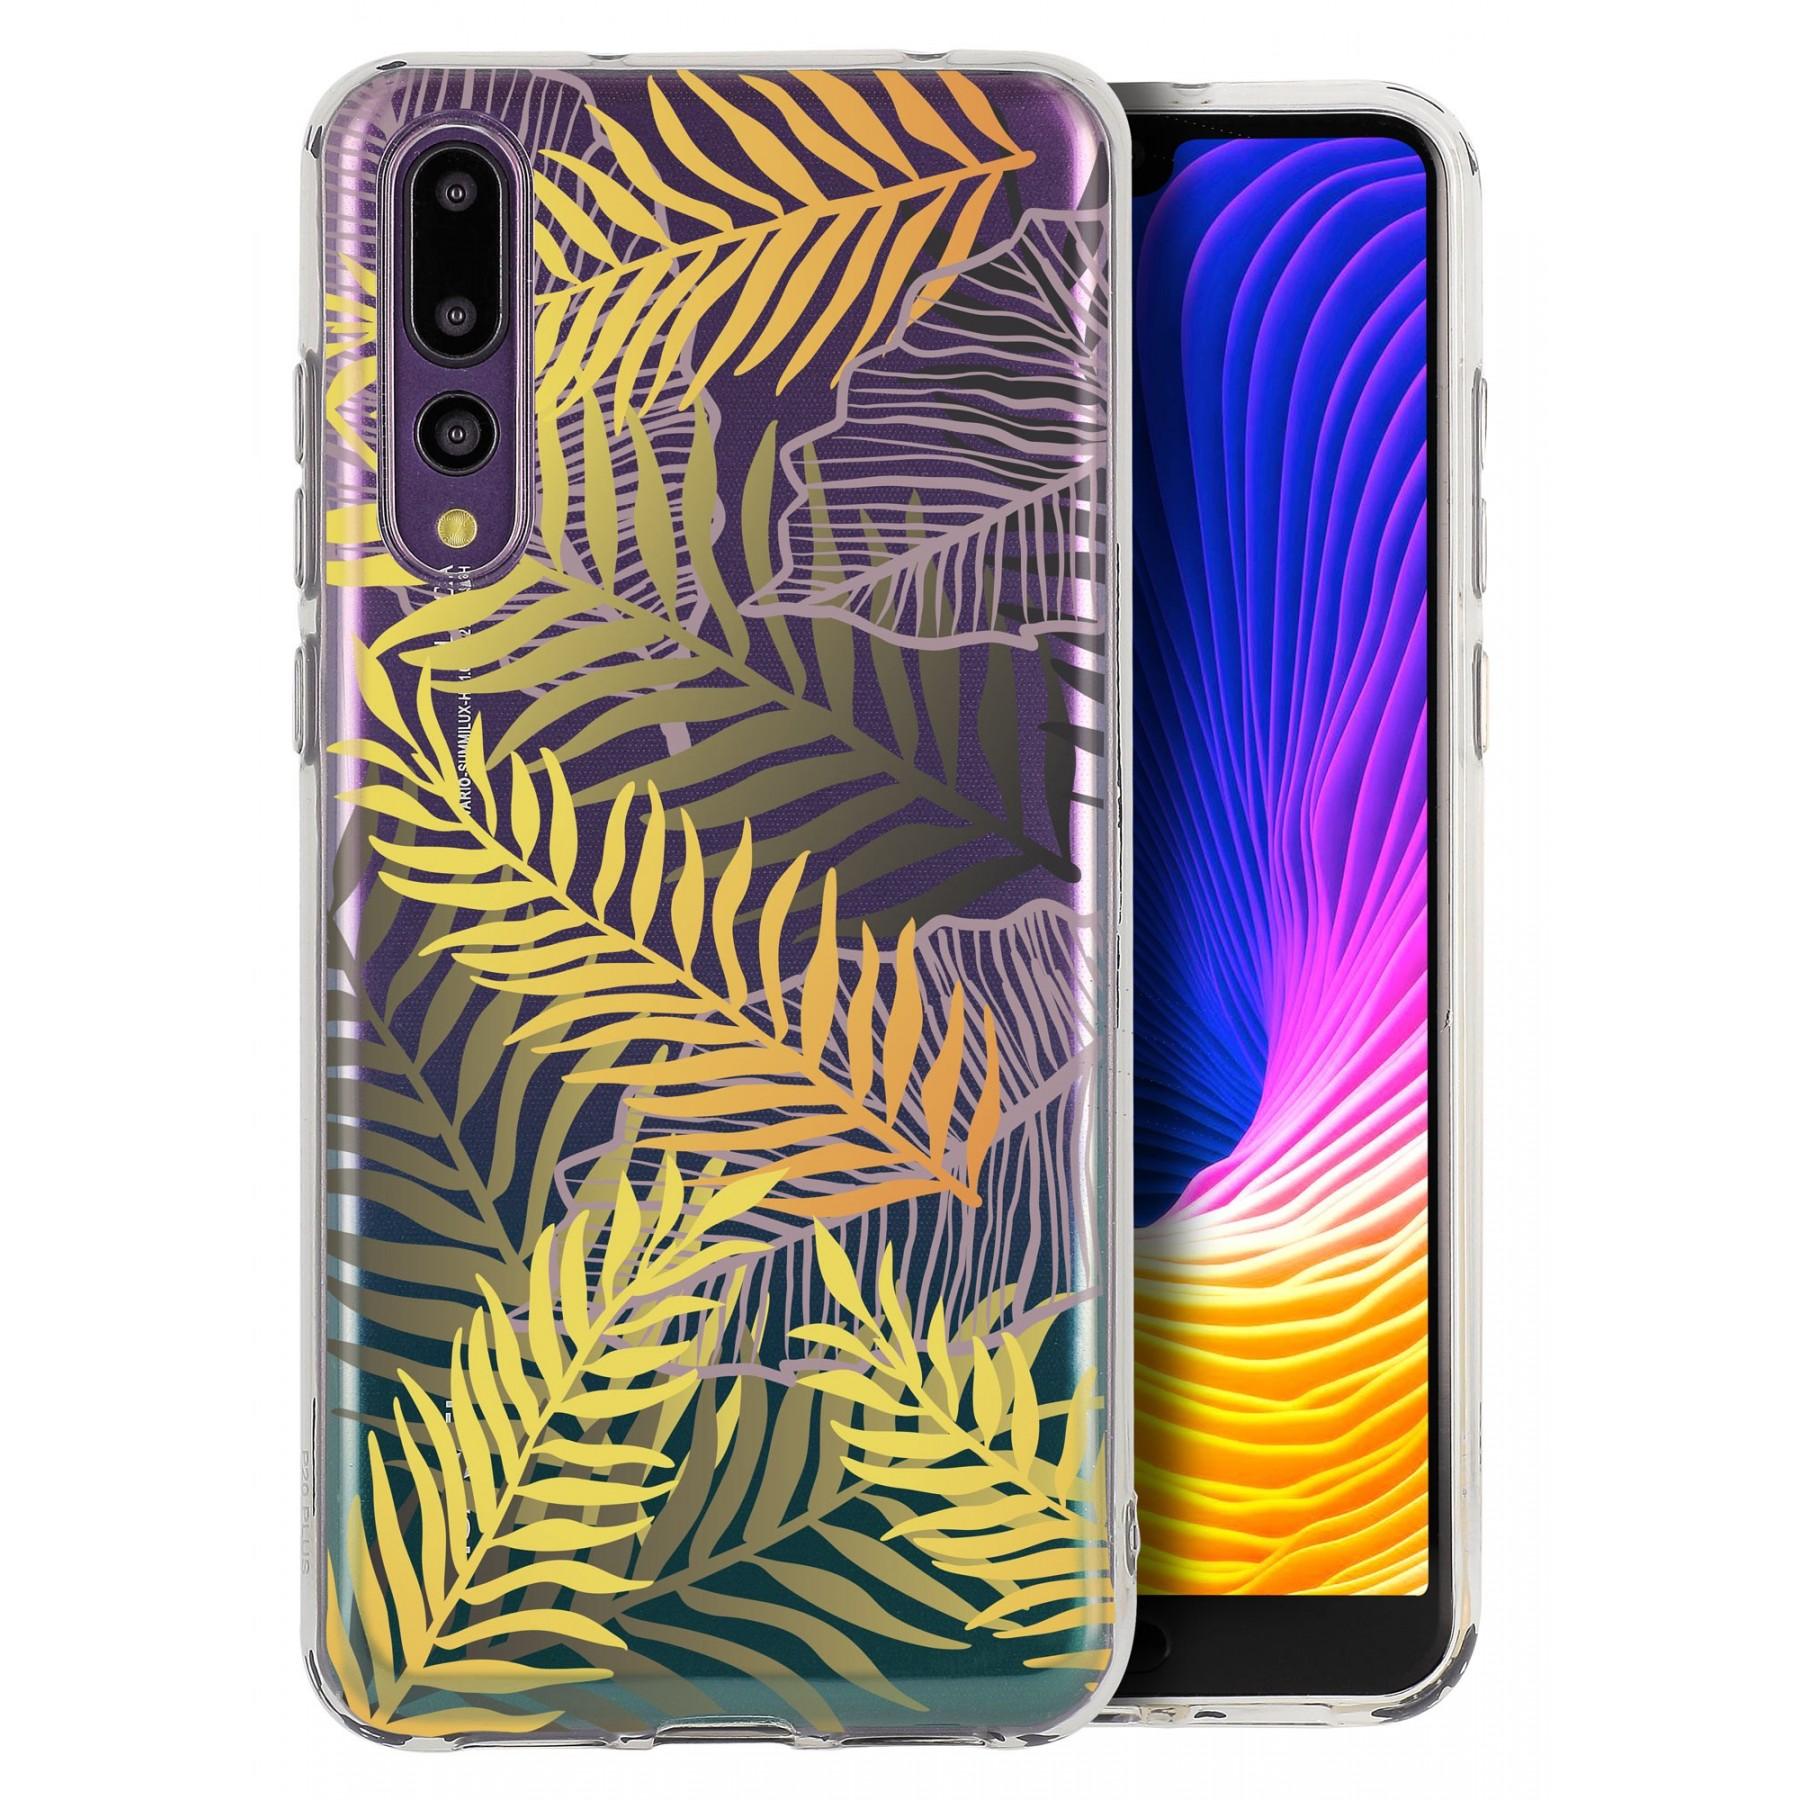 Coque feuille de palmier pour Huawei P20 pro